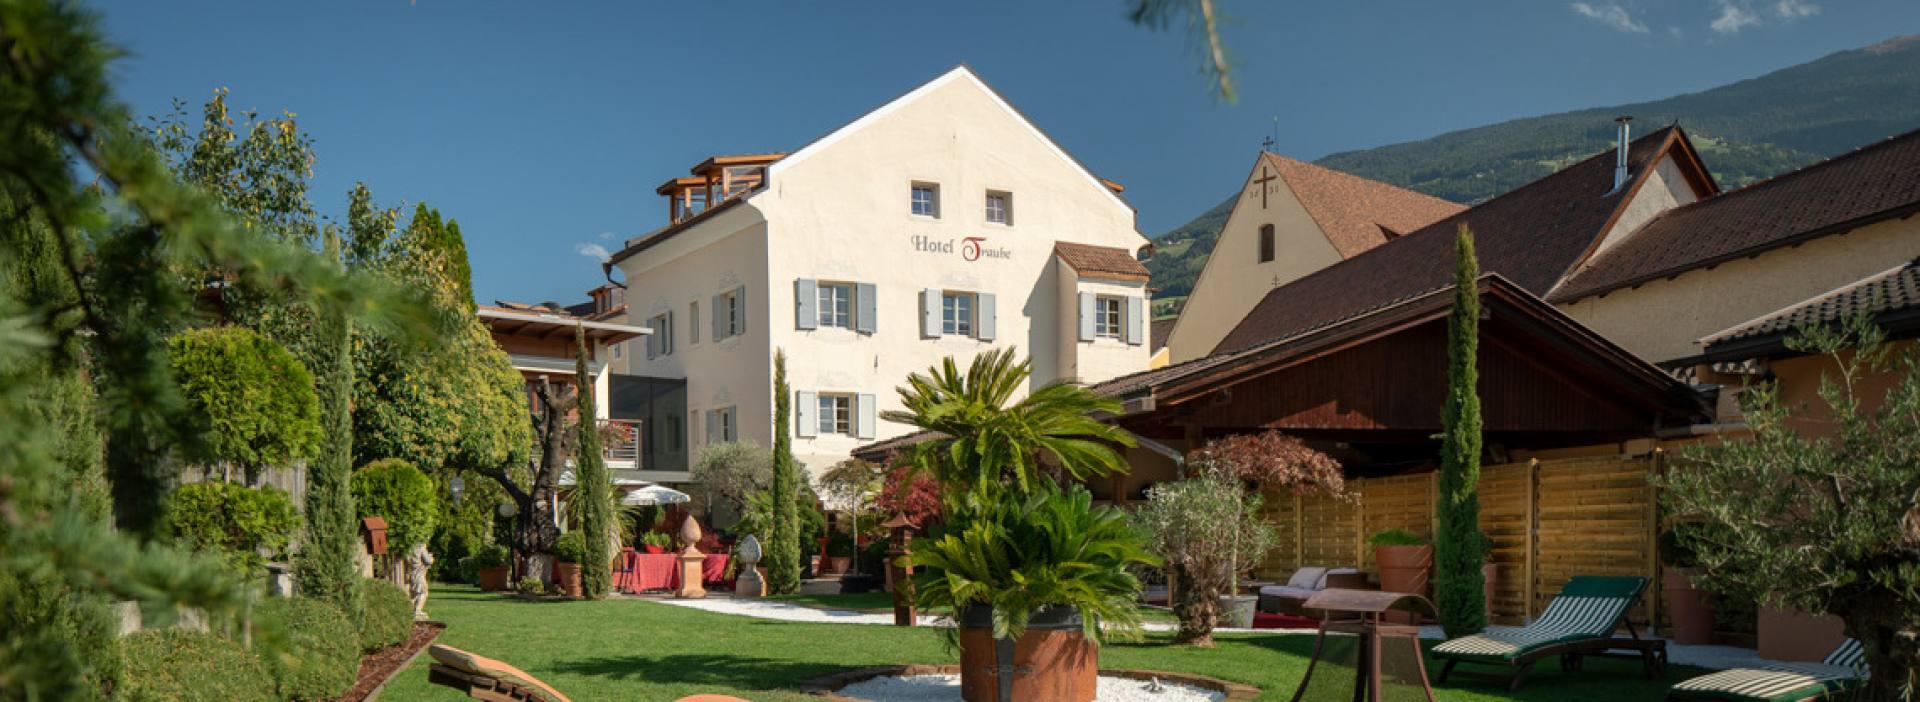 Garni Hotel Traube